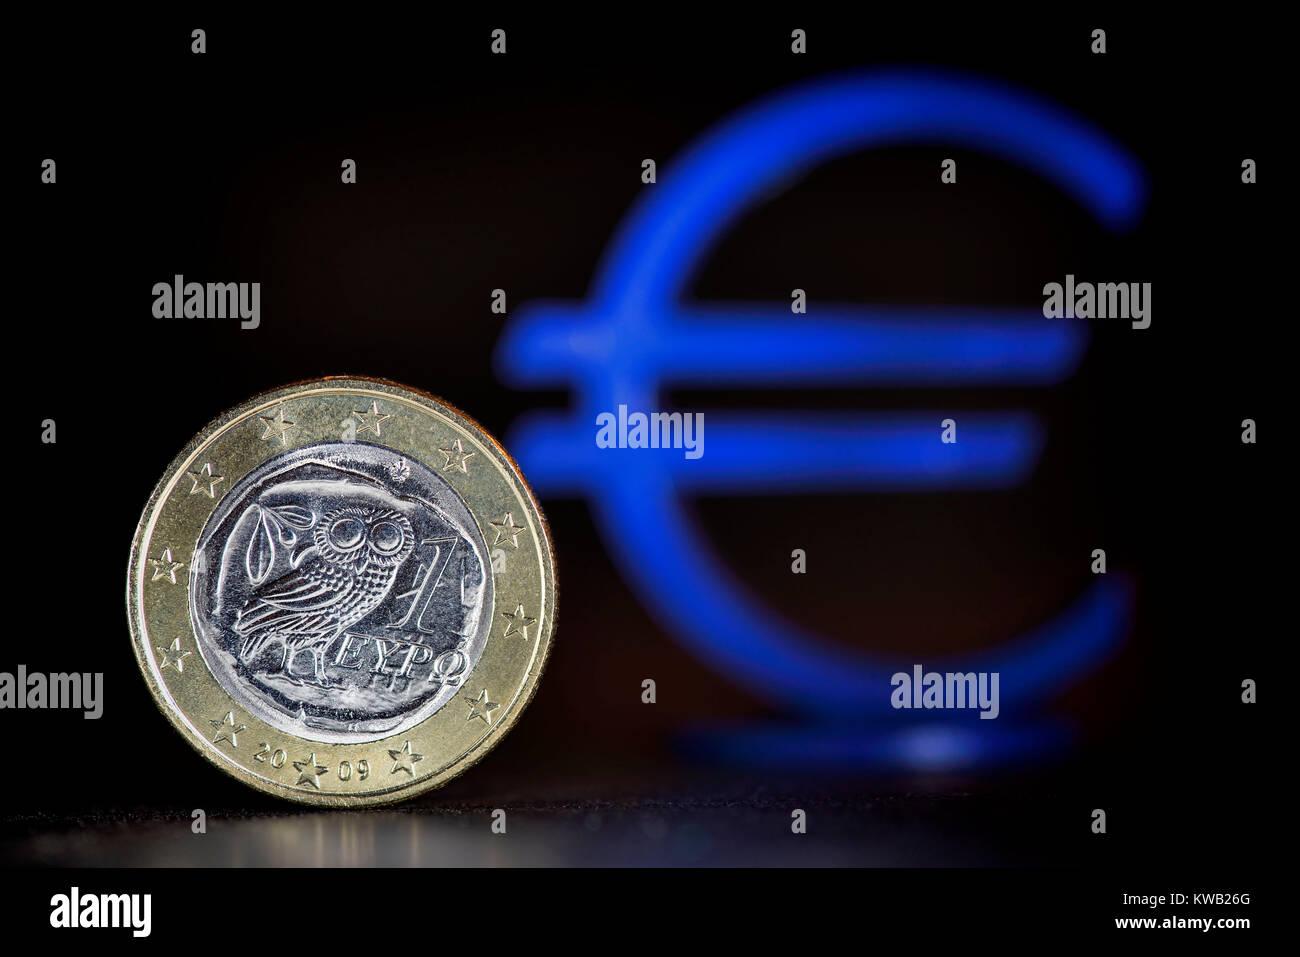 Greek euro-coin one and eurosign, Griechische Ein-Euro-M?nze und Eurozeichen, Griechische Ein-Euro-Muenze und Eurozeichen - Stock Image